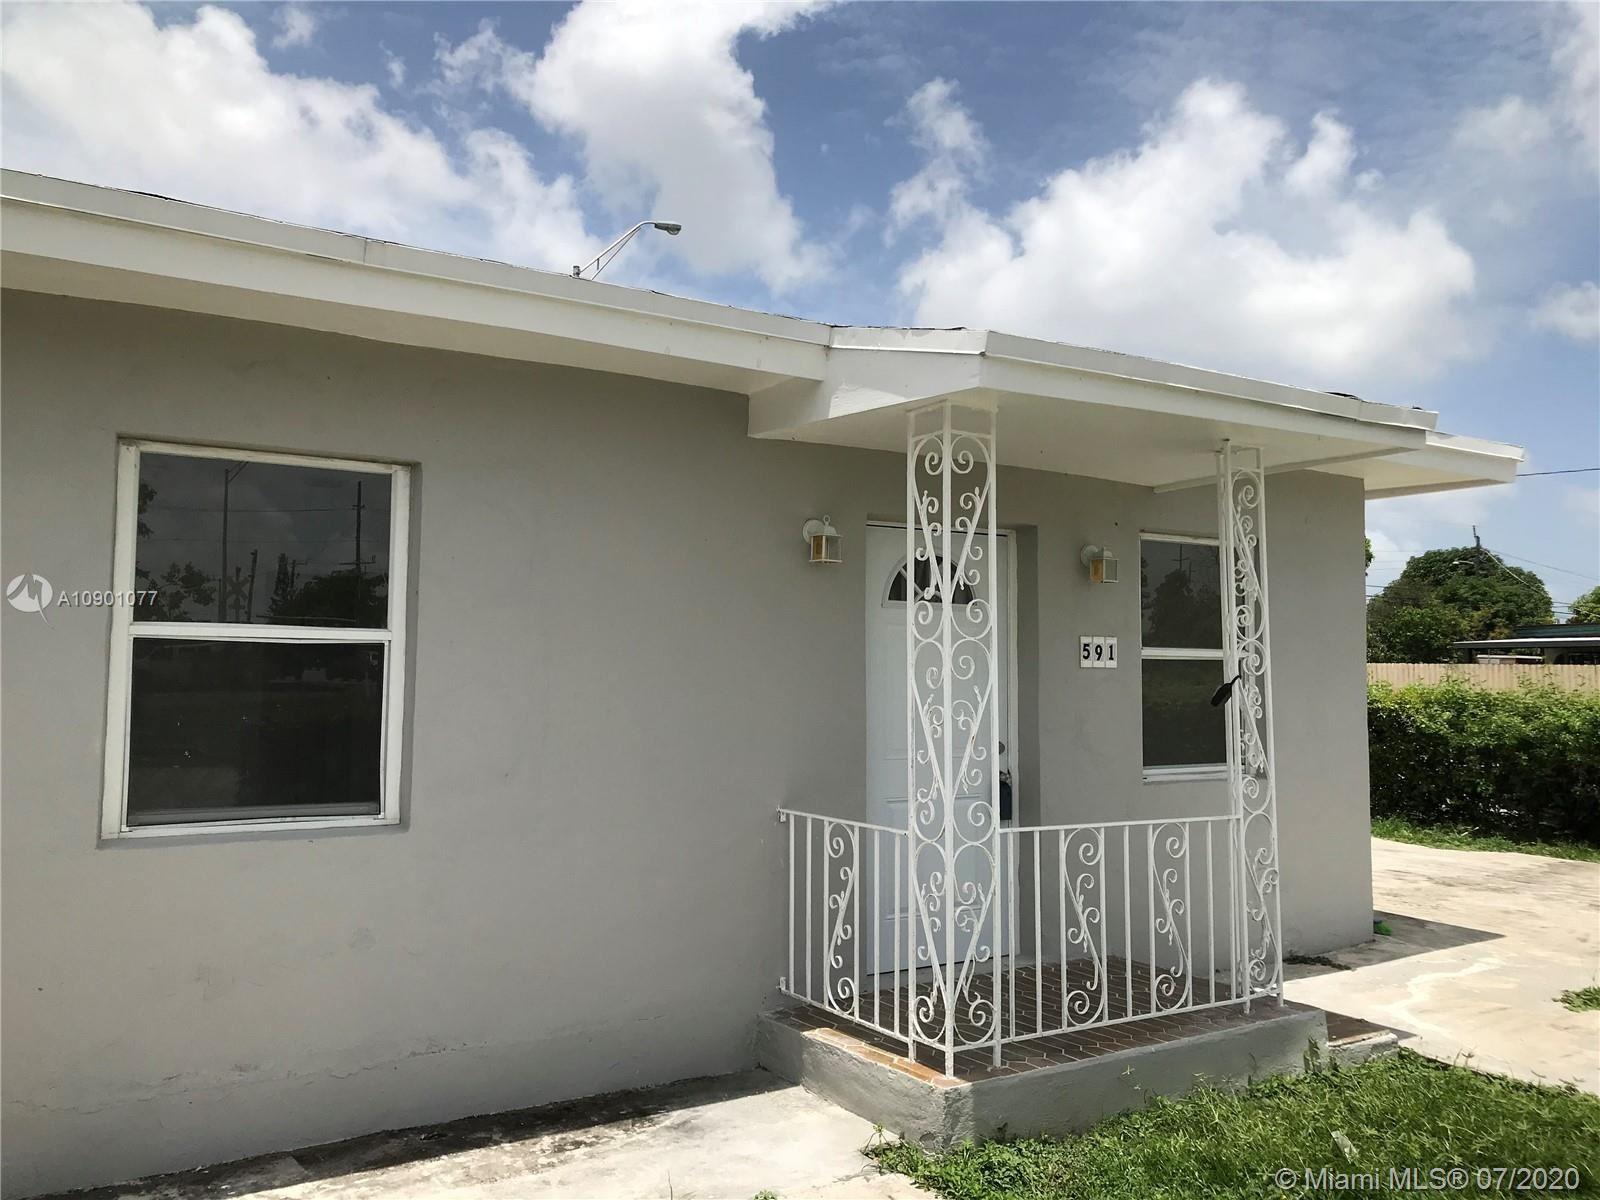 591 E 22nd St, Hialeah, FL 33013 - #: A10901077